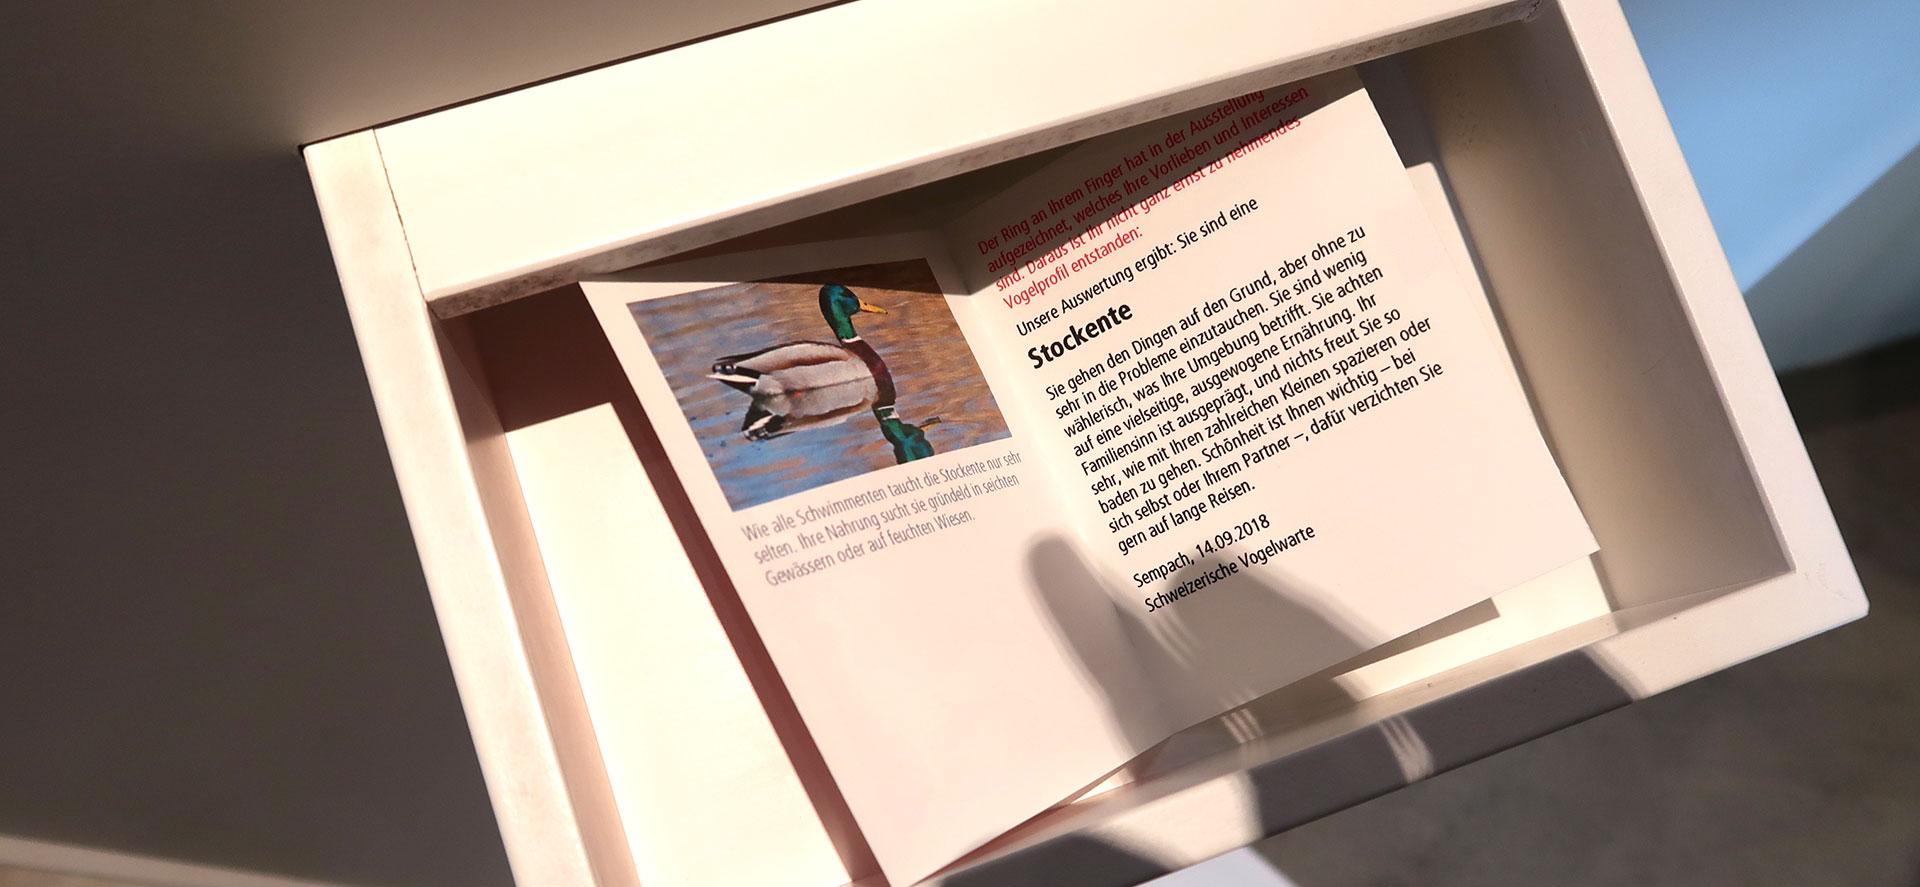 Grafik für Vogelwarte Sempach